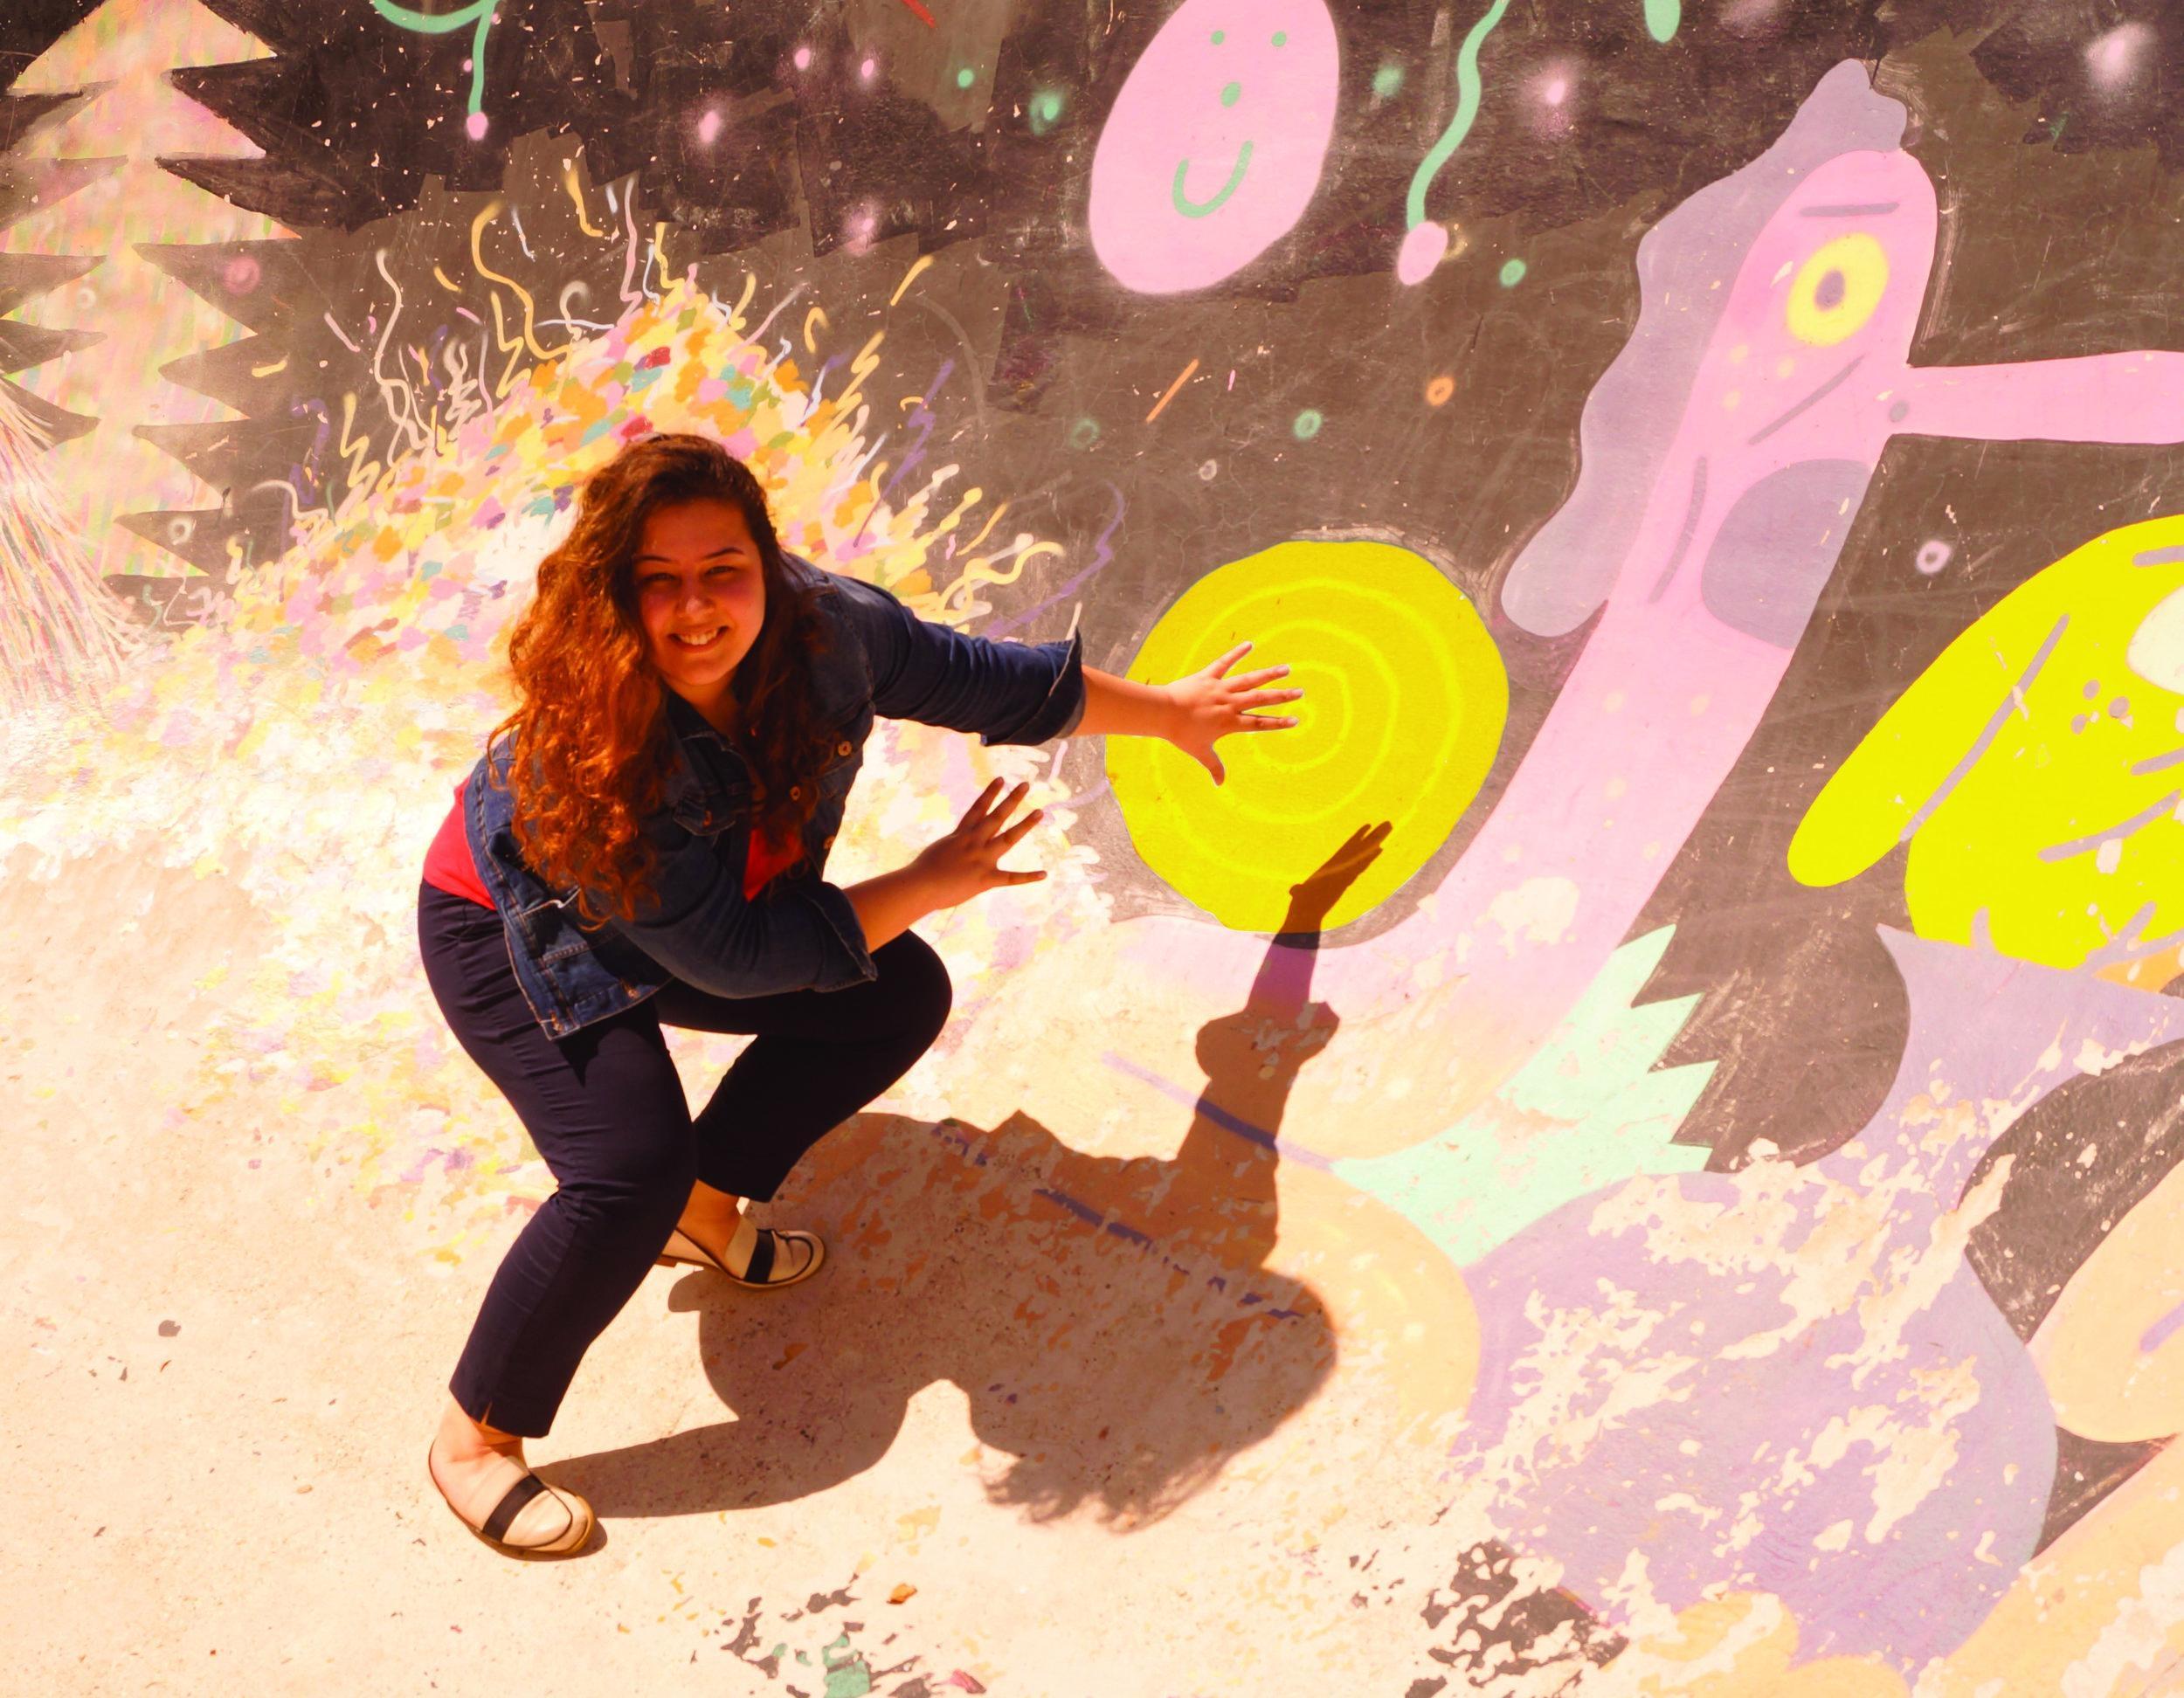 """Jihane Jellal  Née au pays du soleil, du thé à la menthe et des """"youyous"""", j'ai décidé en 2012 de traverser la méditerranée direction le pays du vin, du fromage et d'Edith Piaf pour y faire un bout de chemin. Diplôme d'école de commerce en poche, je quitte la ville rose réputée pour son cassoulet enrichie de superbes expériences, qui m'ont permise entre autre de découvrir mon goût pour l'innovation et pour l'entrepreneuriat. Aujourd'hui, je vois en Design Act le moyen de découvrir un nouveau métier et de retrouver du sens dans ce que j'entreprends en mettant l'humain au centre. Addict au voyage, aux sports d'extérieur et aux sensations fortes, j'aime aussi beaucoup la danse et le chant et j'ai une grande passion pour les langues et la découverte de nouvelles cultures."""